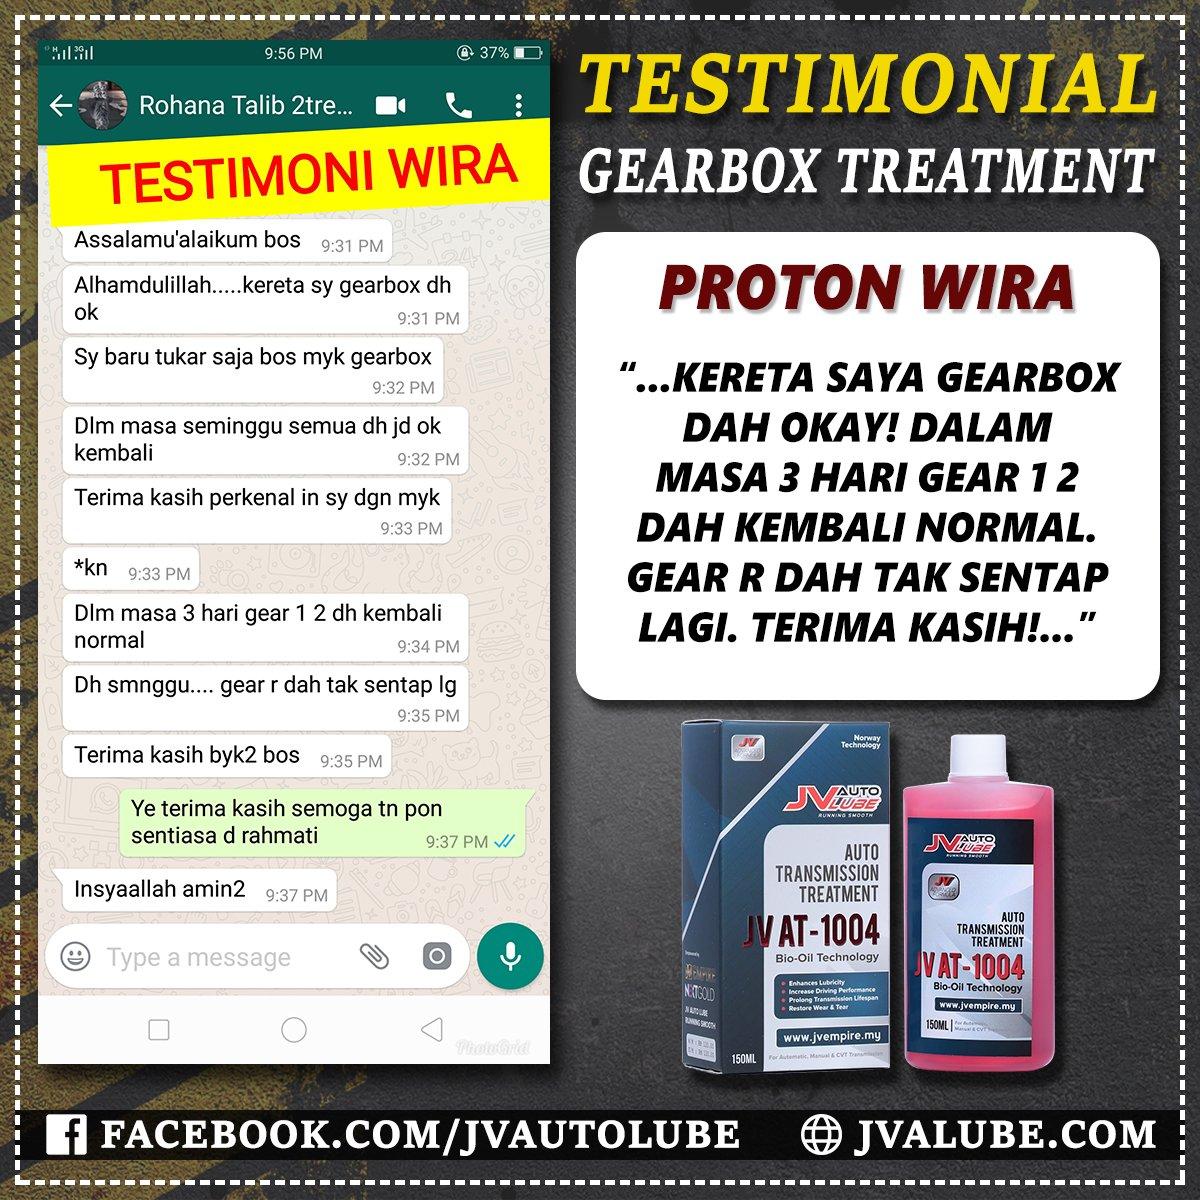 Testimoni AT 048 - Proton Wira